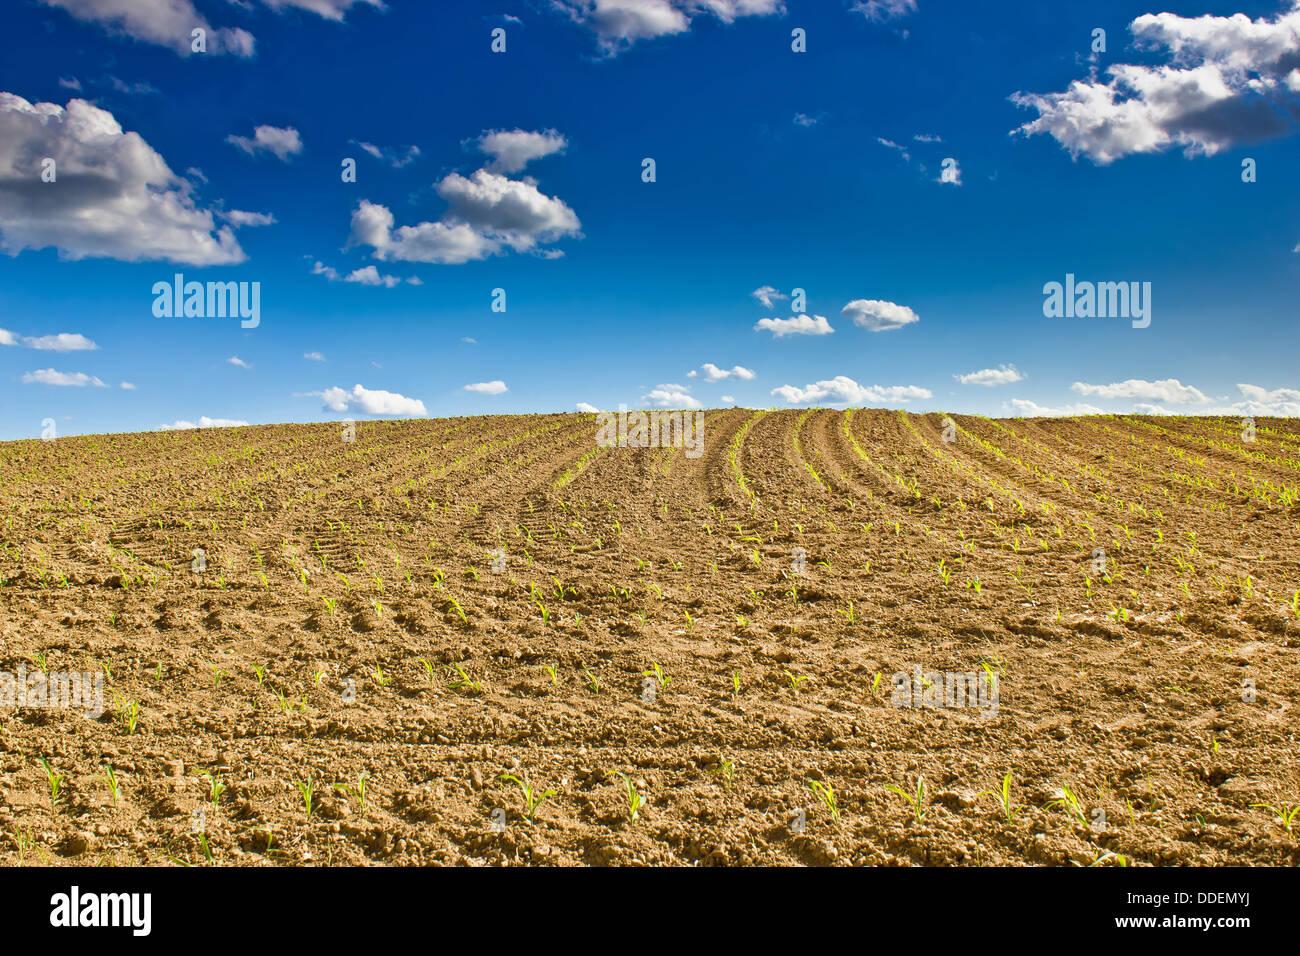 Kornfeld - neu gesäten Maispflanzen auf einer Wiese unter blauem Himmel Stockbild